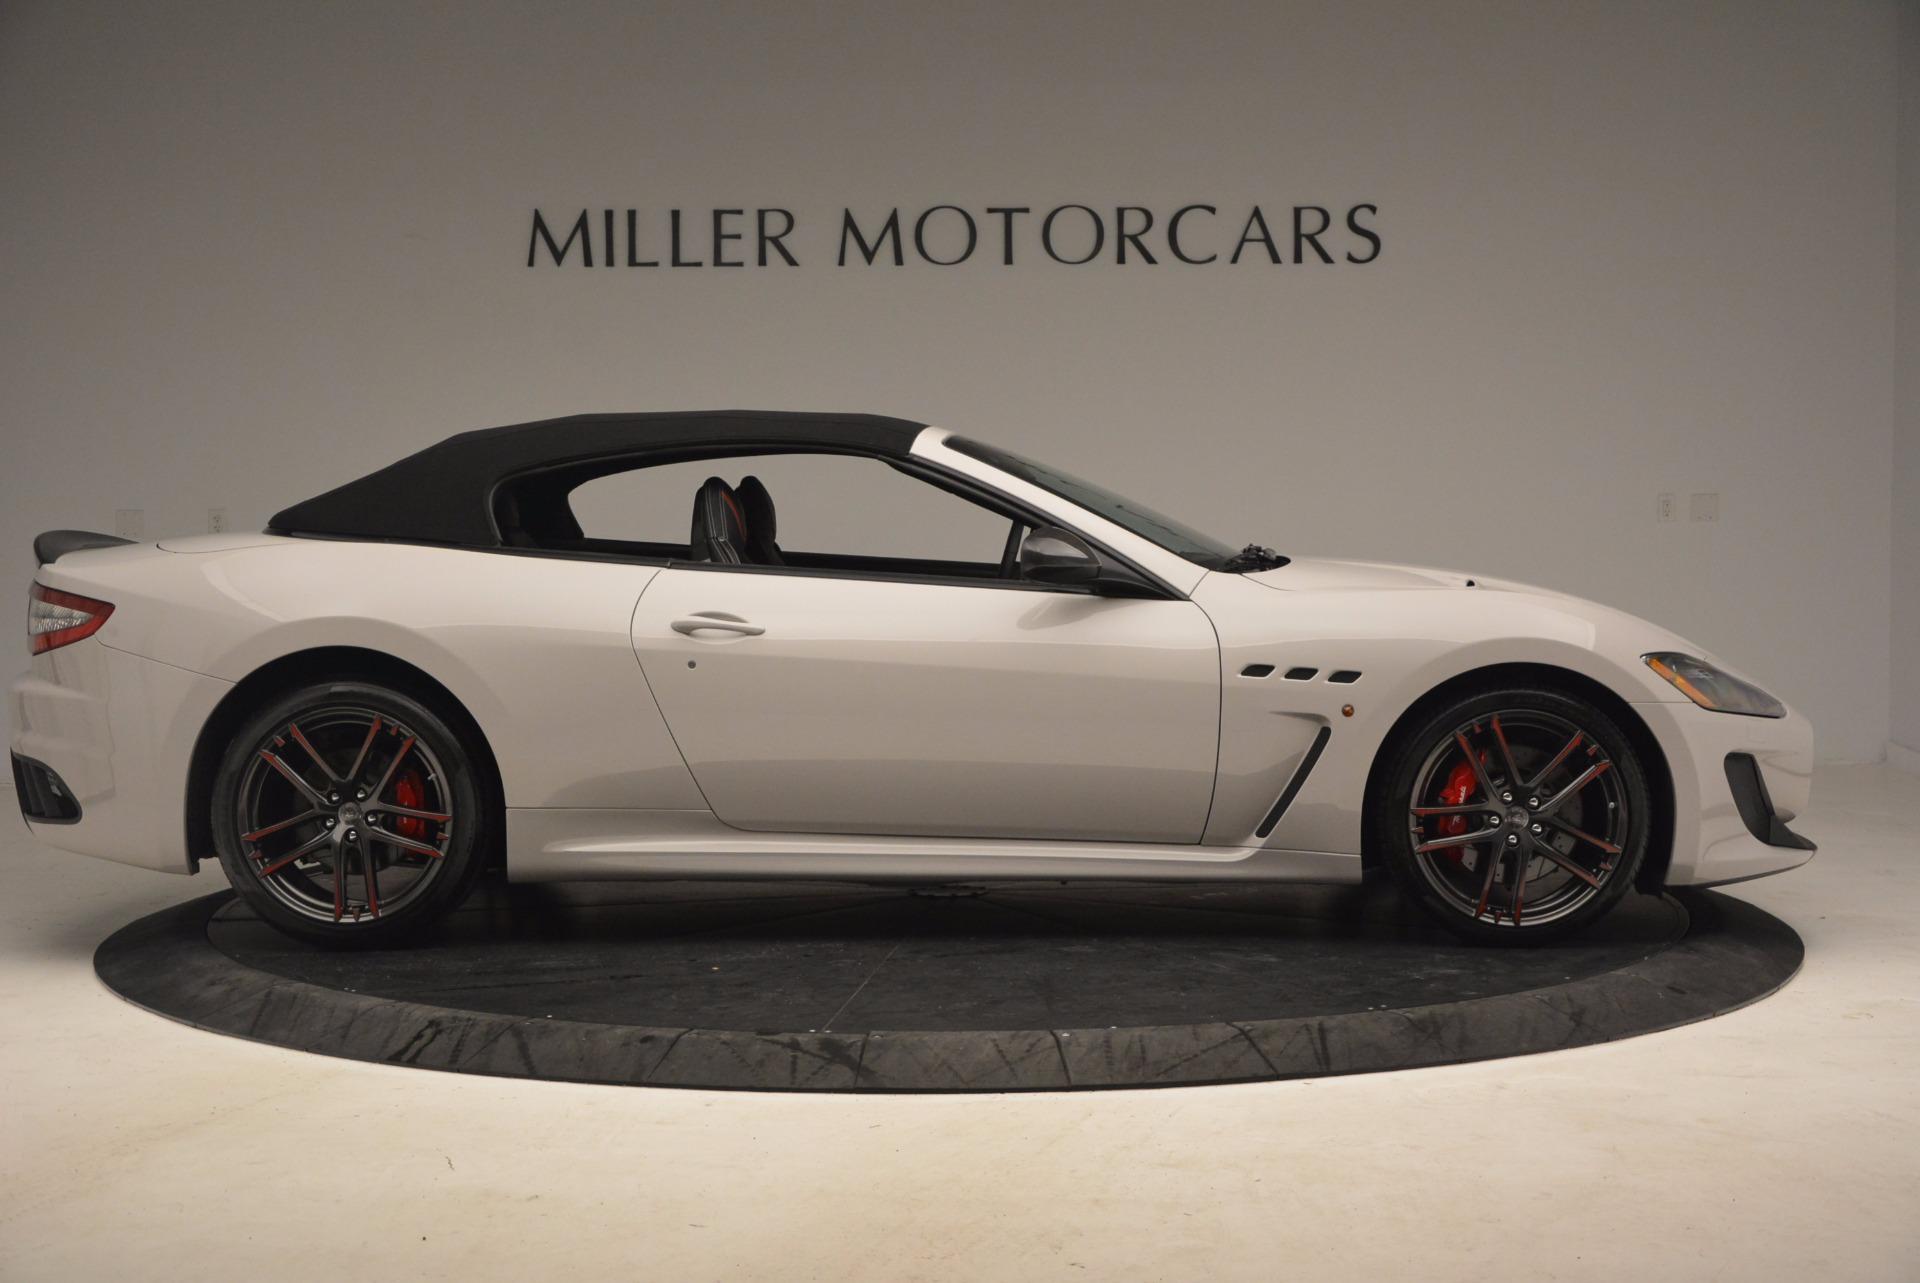 Used 2015 Maserati GranTurismo MC Centennial For Sale In Greenwich, CT 1107_p21